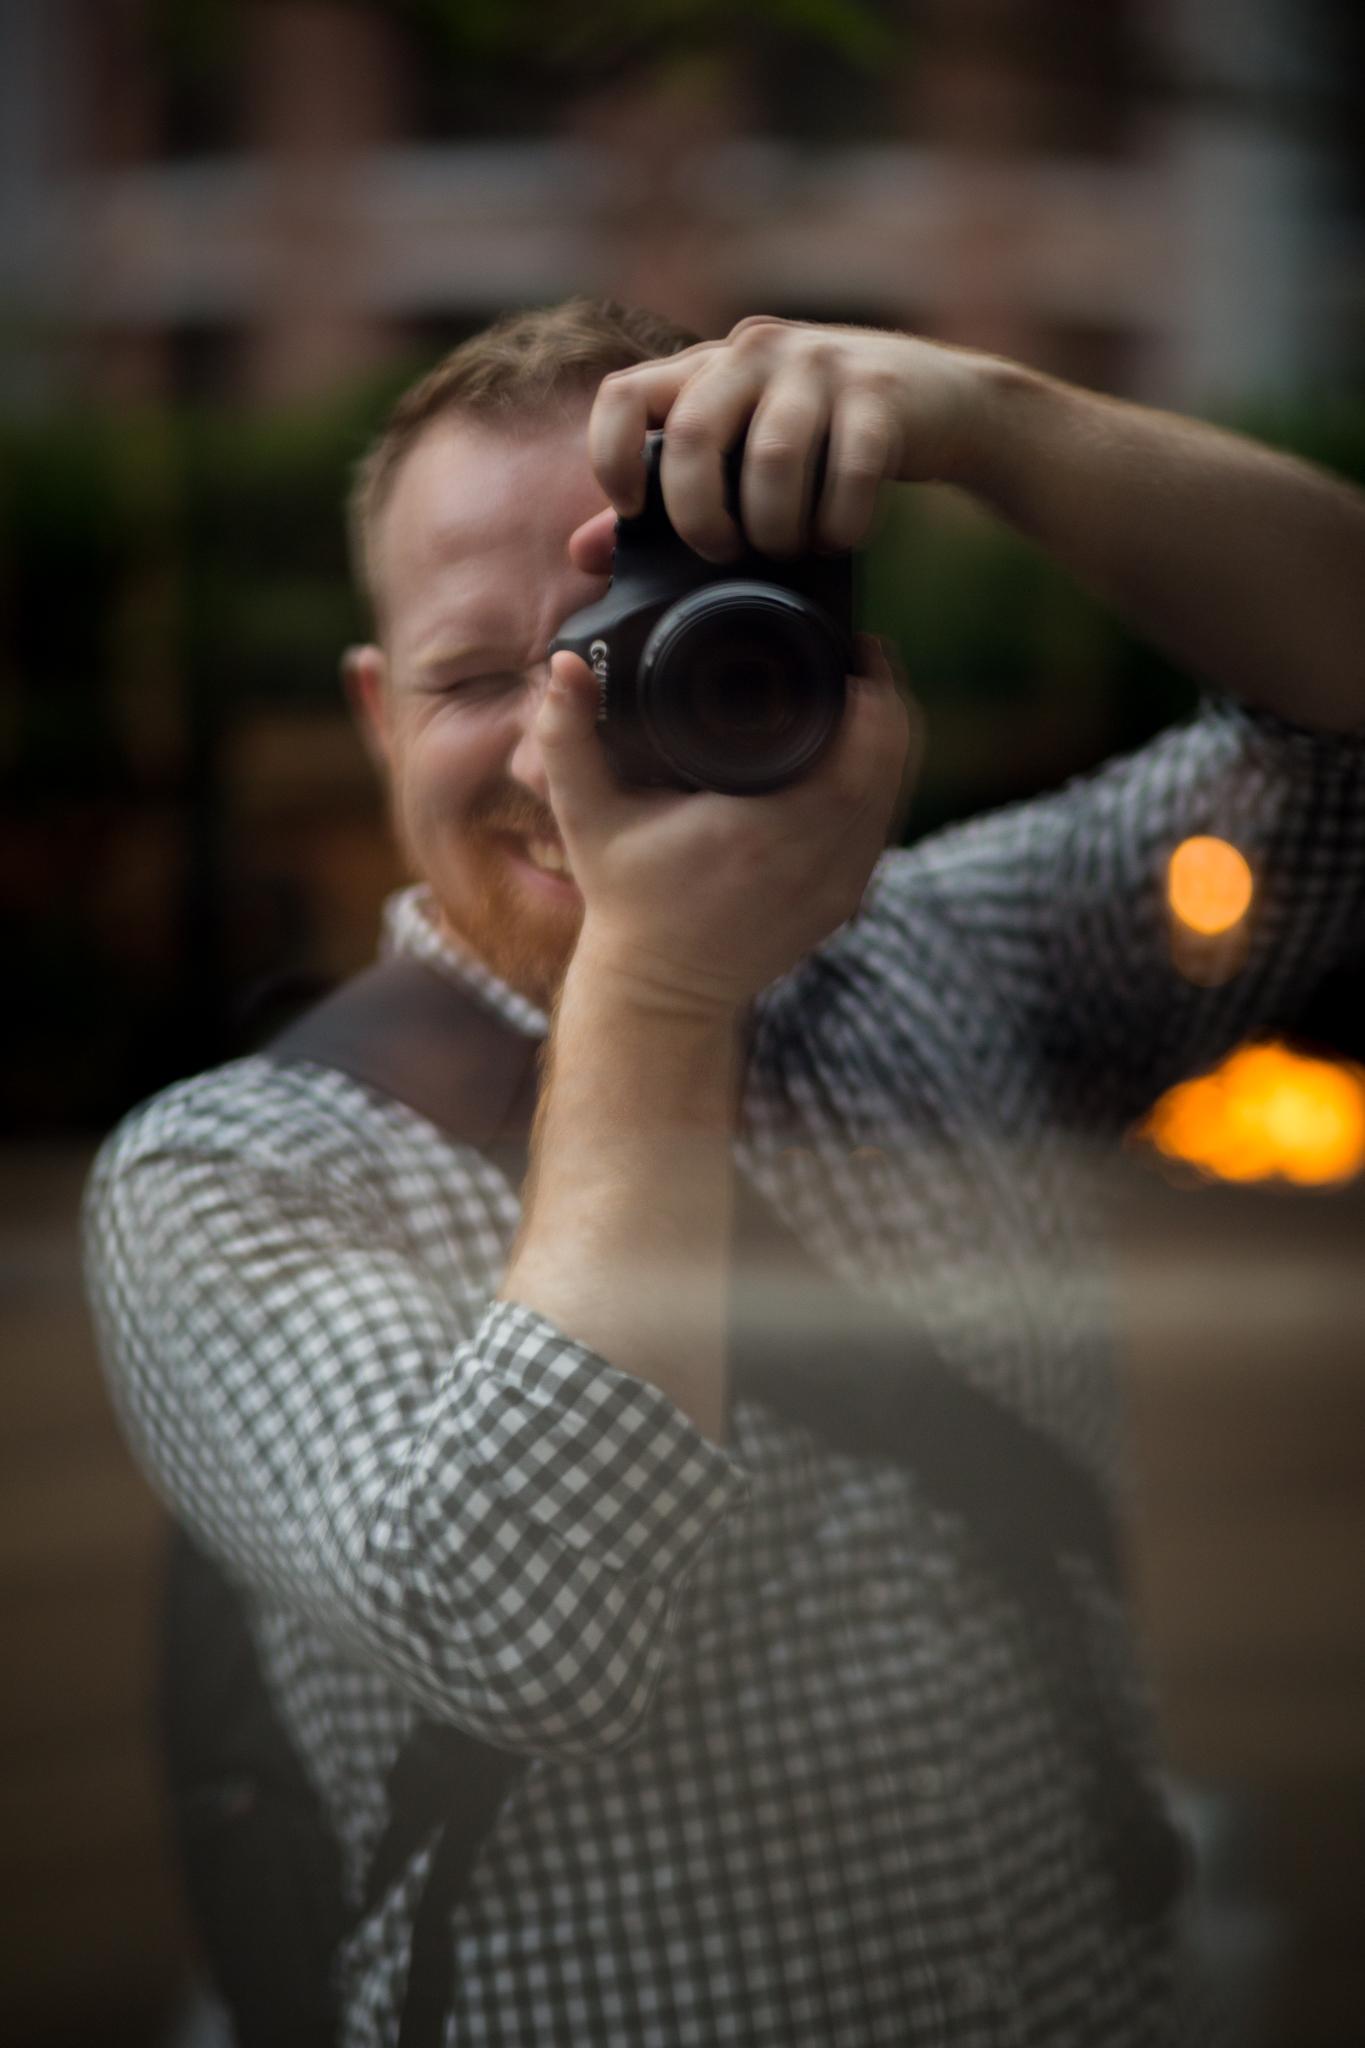 Profile Picture - 1 - 6651.jpg